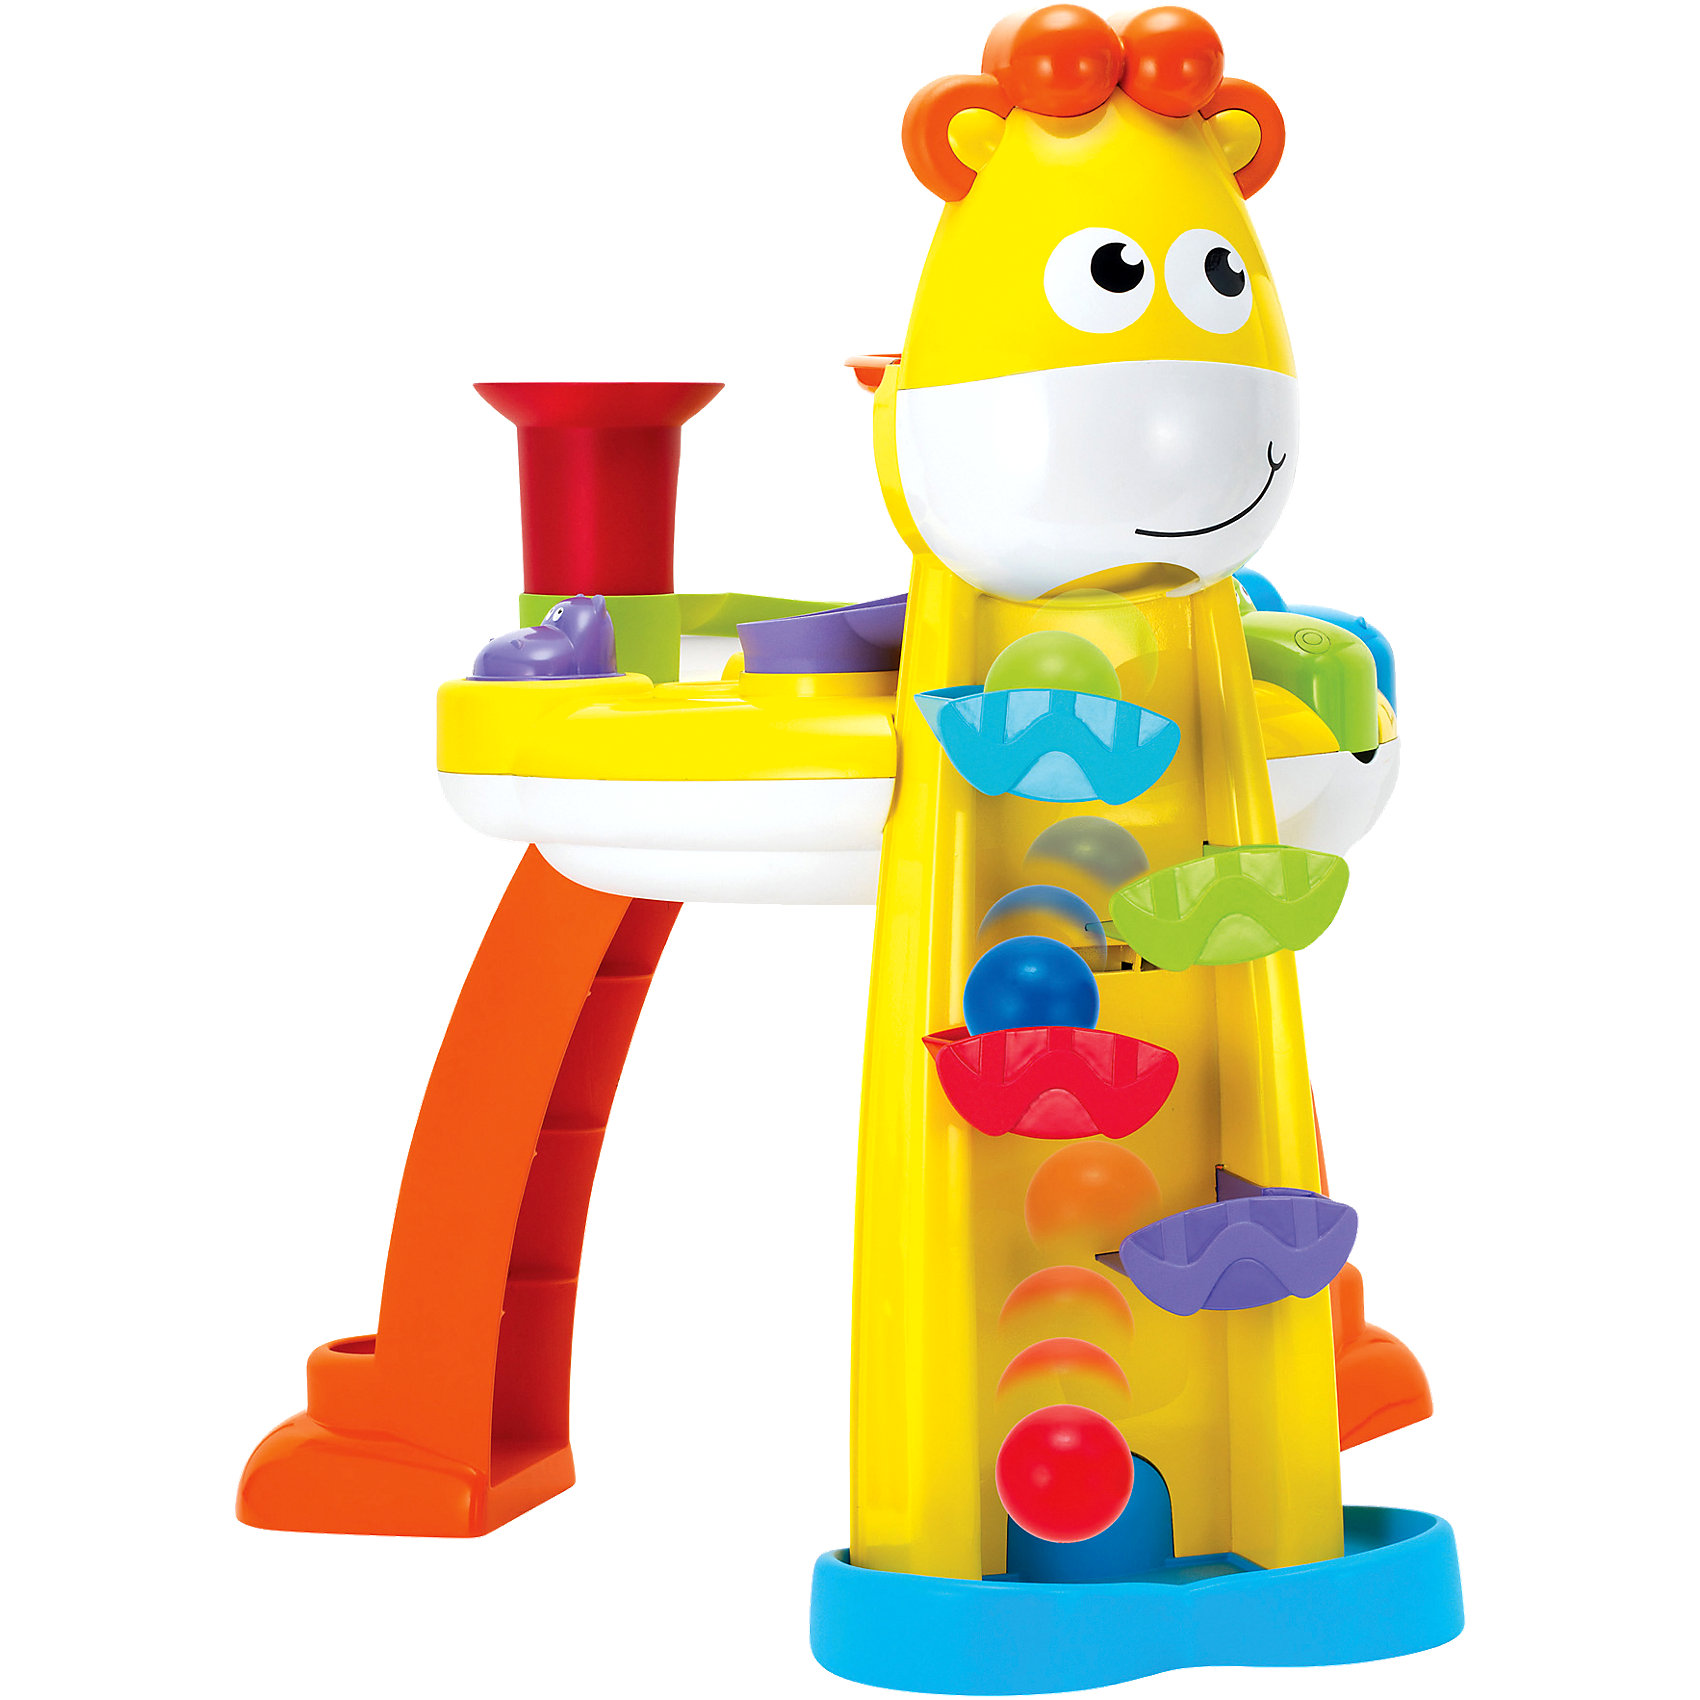 Игровой набор Веселый жираф, BkidsИгровой набор Веселый жираф, Bkids (Б Кидс) - интерактивная игрушка по принципу развивающего столика. Набор представляет собой стол в виде жирафа и пластиковые шарики. Передвижение шариков будет еще интереснее благодаря различным воронкам, дорожкам и мельнице. После включения интерактивного режима шарики будут подскакивать, скатываться по горкам, оказываться в воронках или пасти бегемота. Игра сопровождается световыми и звуковыми эффектами. Яркая веселая игрушка обязательно должна быть у любознательной крохи.<br><br>Дополнительная информация:<br>Батарейки: АА - 3шт. (В комплект не входят)<br>Размер столика: 60х45х45 см<br>Размер упаковки: 61х17,5х44х5 см<br>Вес: 3 кг<br><br>Вы можете приобрести игровой набор Веселый жираф, Bkids (Б Кидс) в нашем интернет-магазине.<br><br>Ширина мм: 633<br>Глубина мм: 479<br>Высота мм: 199<br>Вес г: 3369<br>Возраст от месяцев: 12<br>Возраст до месяцев: 36<br>Пол: Унисекс<br>Возраст: Детский<br>SKU: 4159842